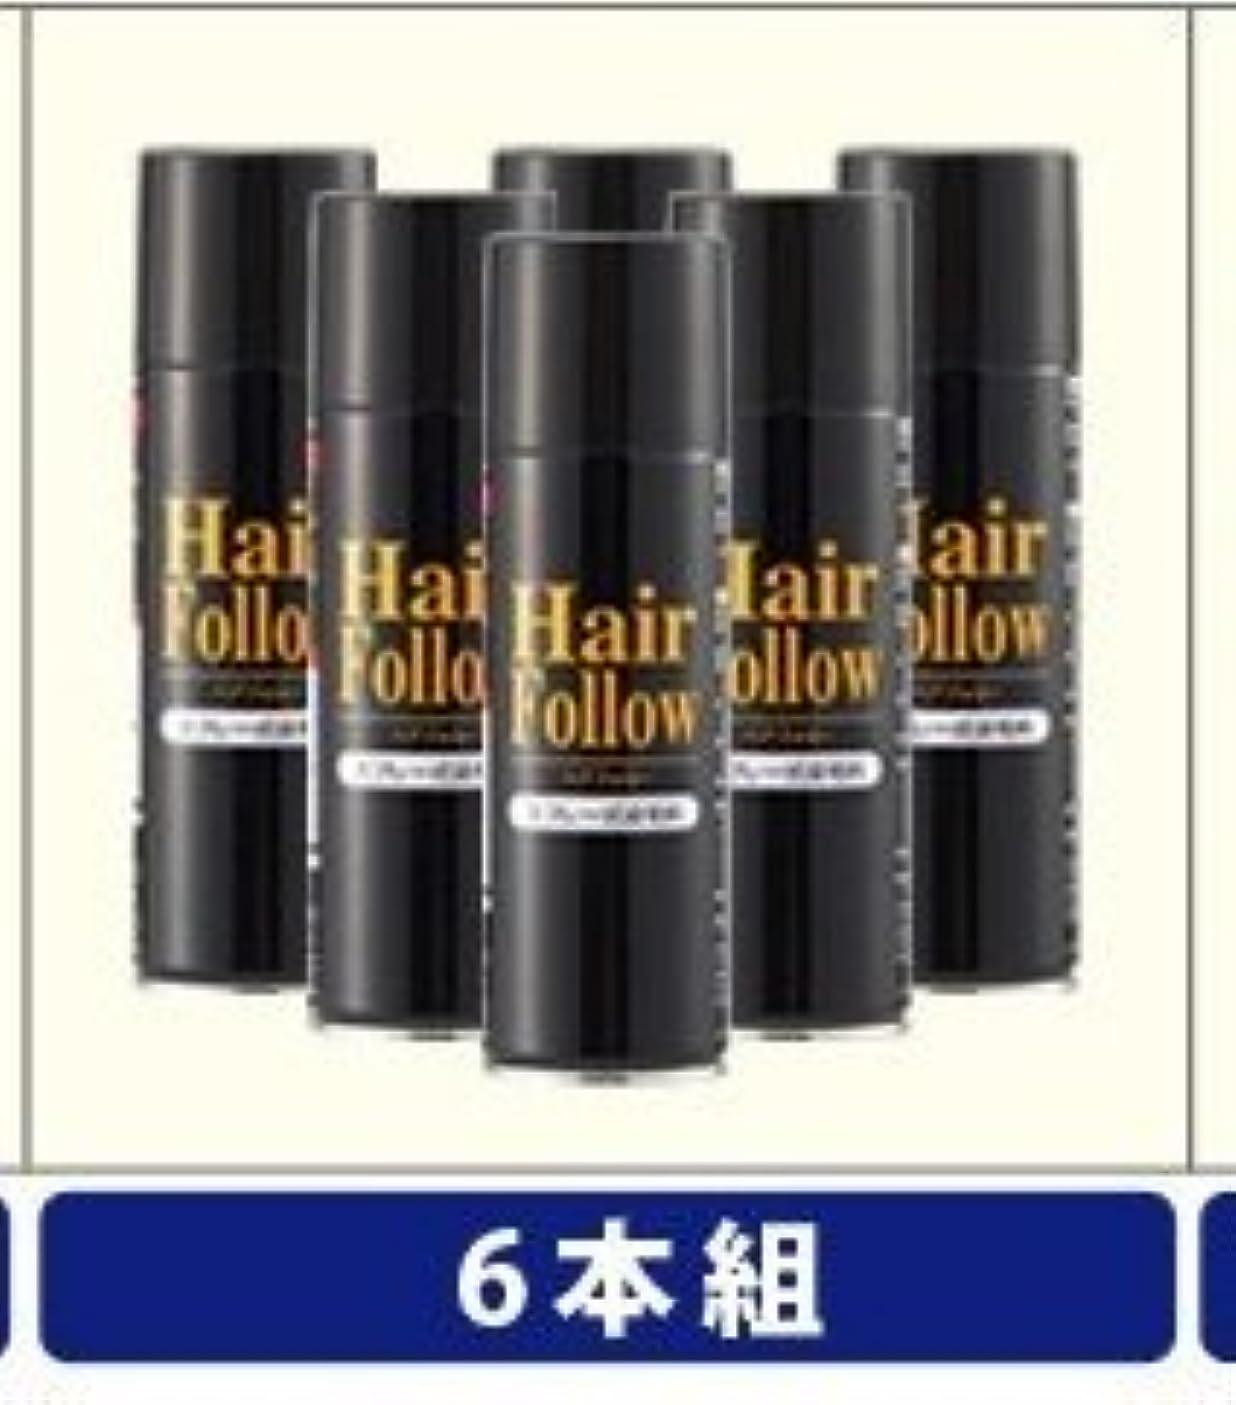 メロンペイントきしむNEW ヘアフォロー スプレー ブラック スプレー式染毛料 自然に薄毛をボリュームアップ!薄毛隠し かつら (6本)